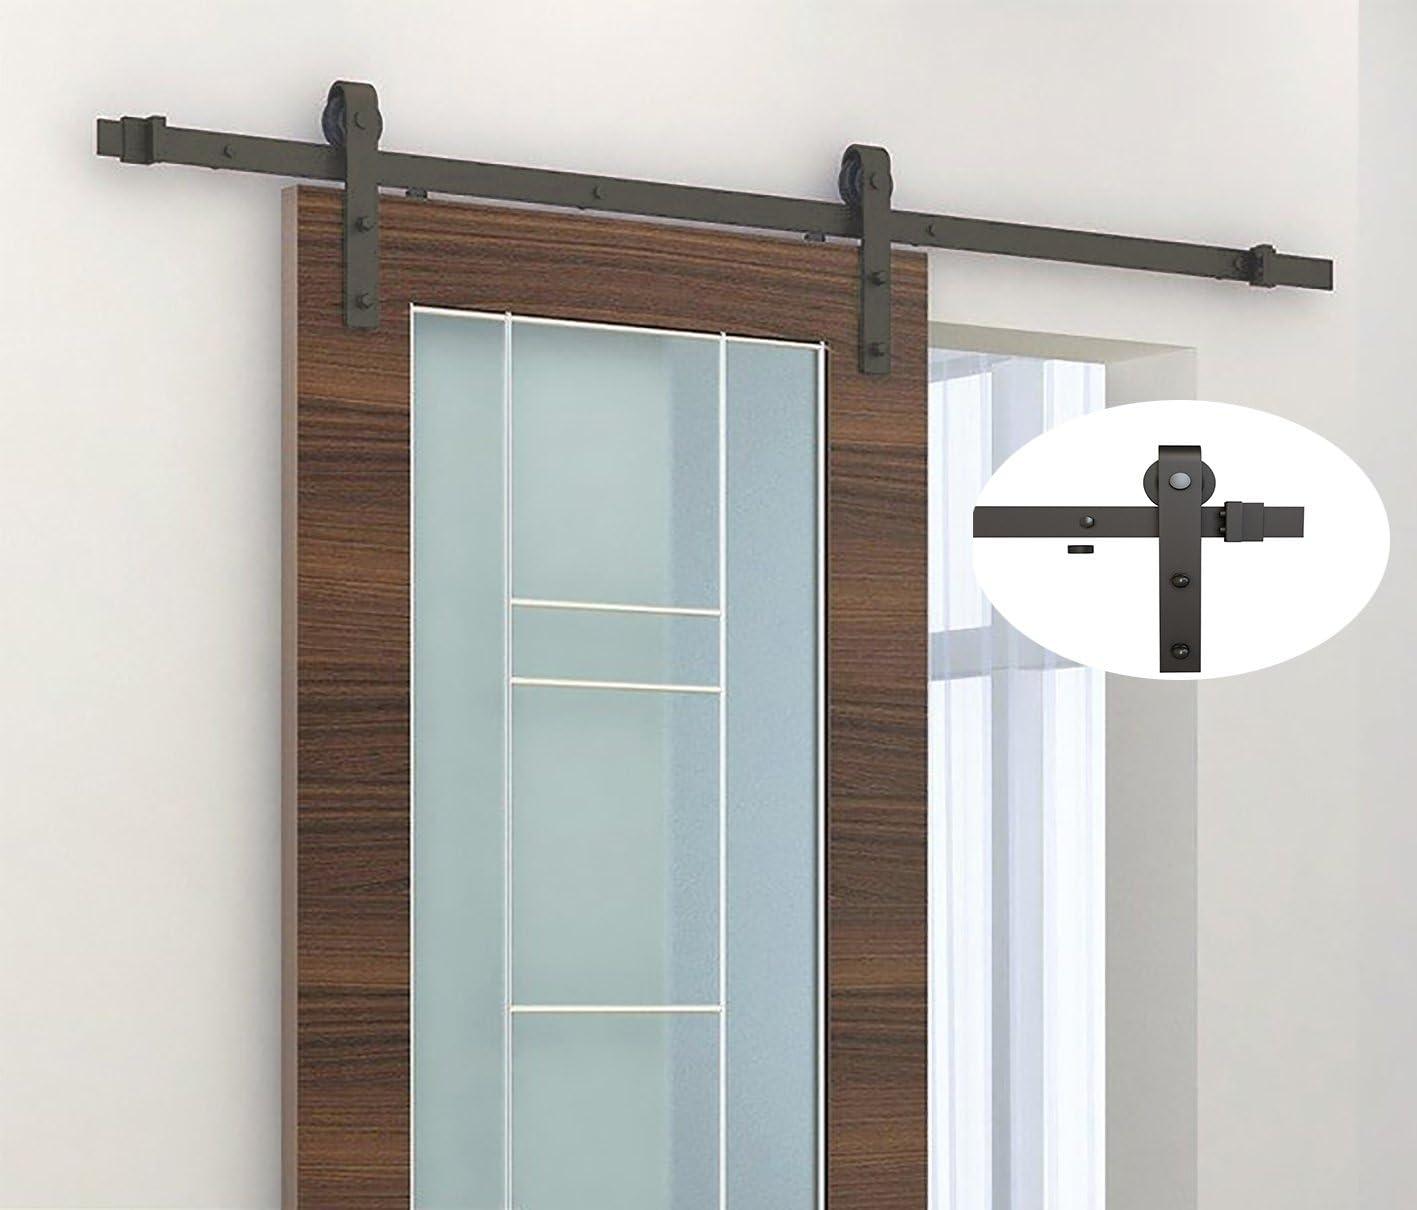 tenive estilo antiguo sistema de guía de acero al carbono Puerta de granero corredera de madera Hardware Set – marrón: Amazon.es: Bricolaje y herramientas